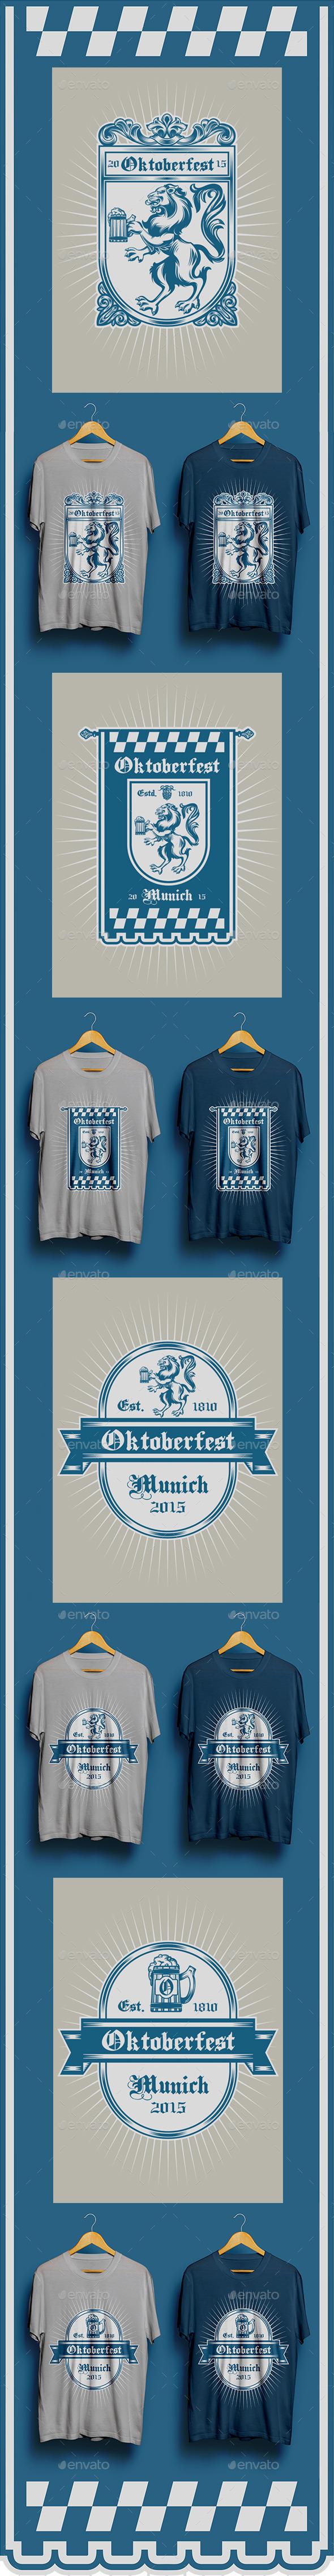 4 Oktoberfest T-shirt Designs - Events T-Shirts